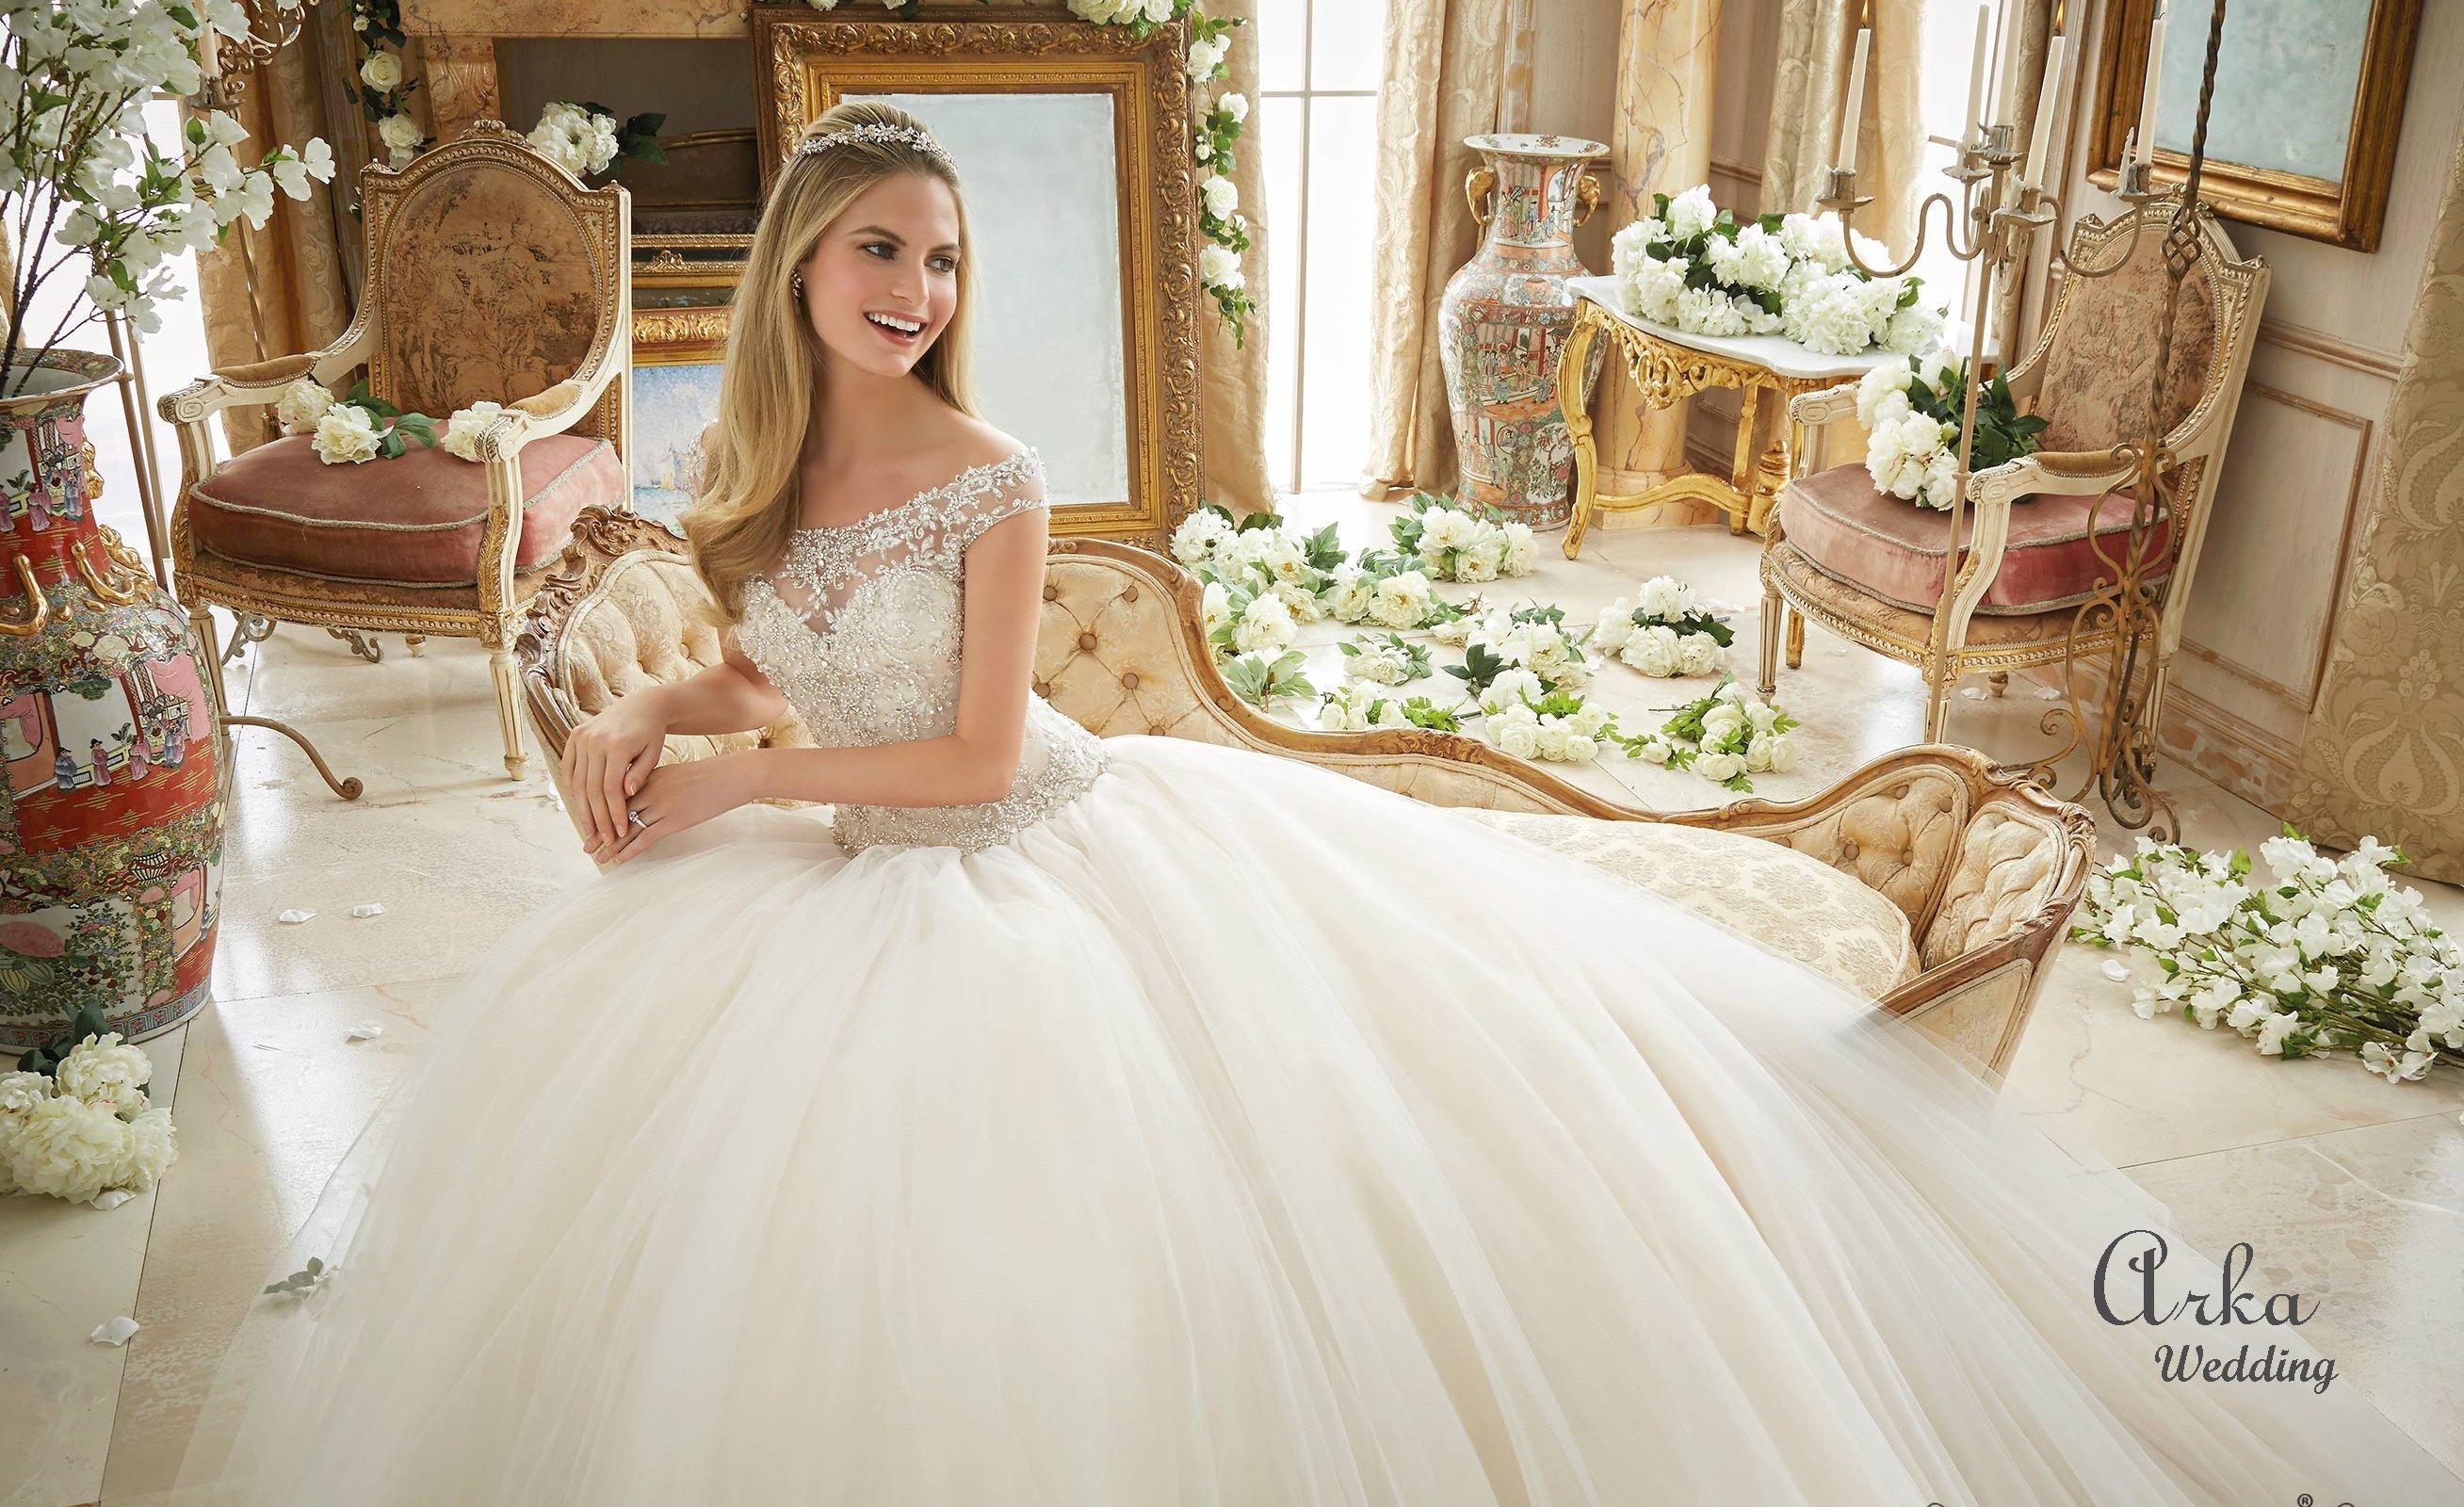 Οίκος Νυφικών Arka Wedding